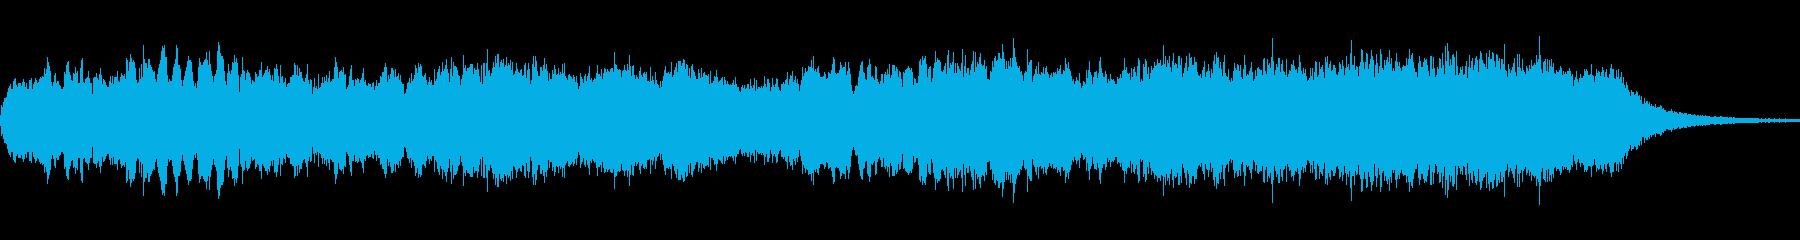 神秘的で予感めいたシンセ音楽の再生済みの波形